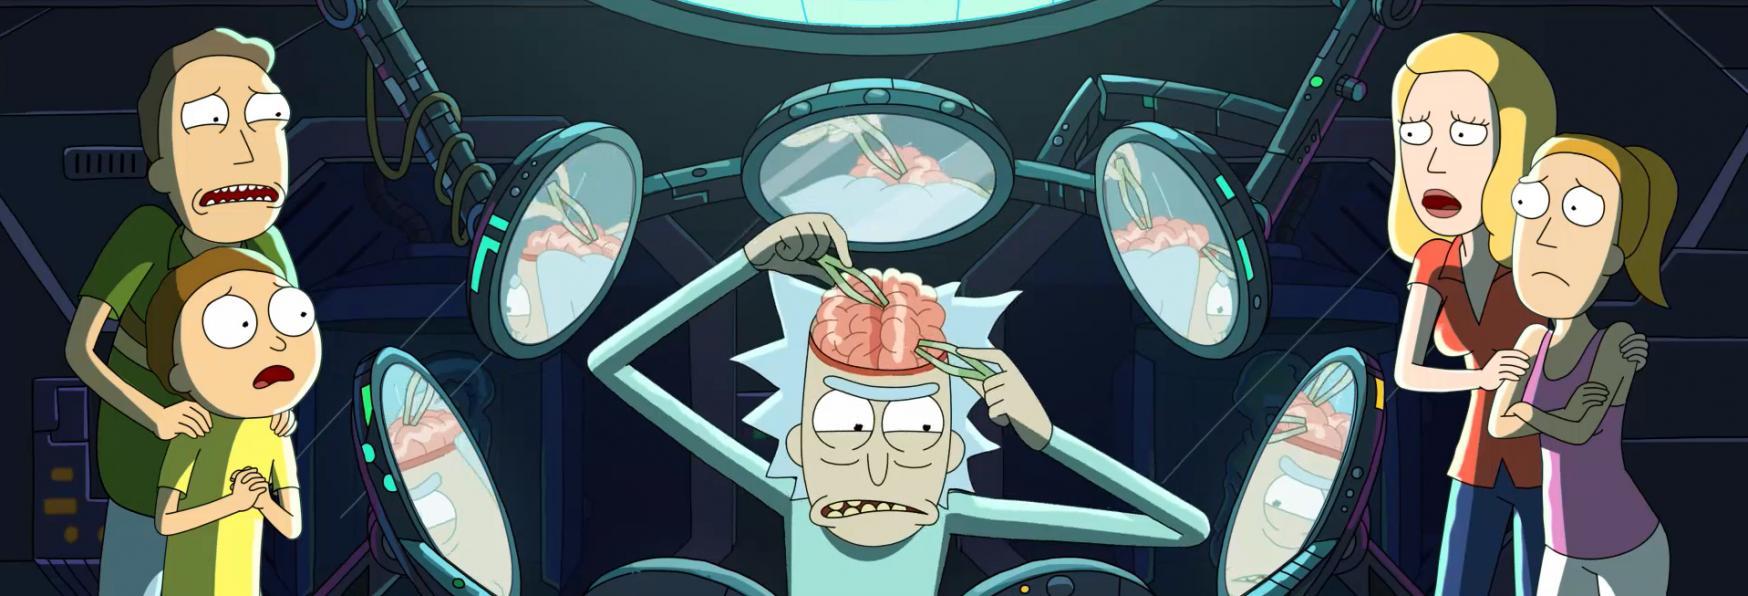 Rick and Morty 5x06: Adult Swim Rilascia un'Anteprima del nuovo Episodio